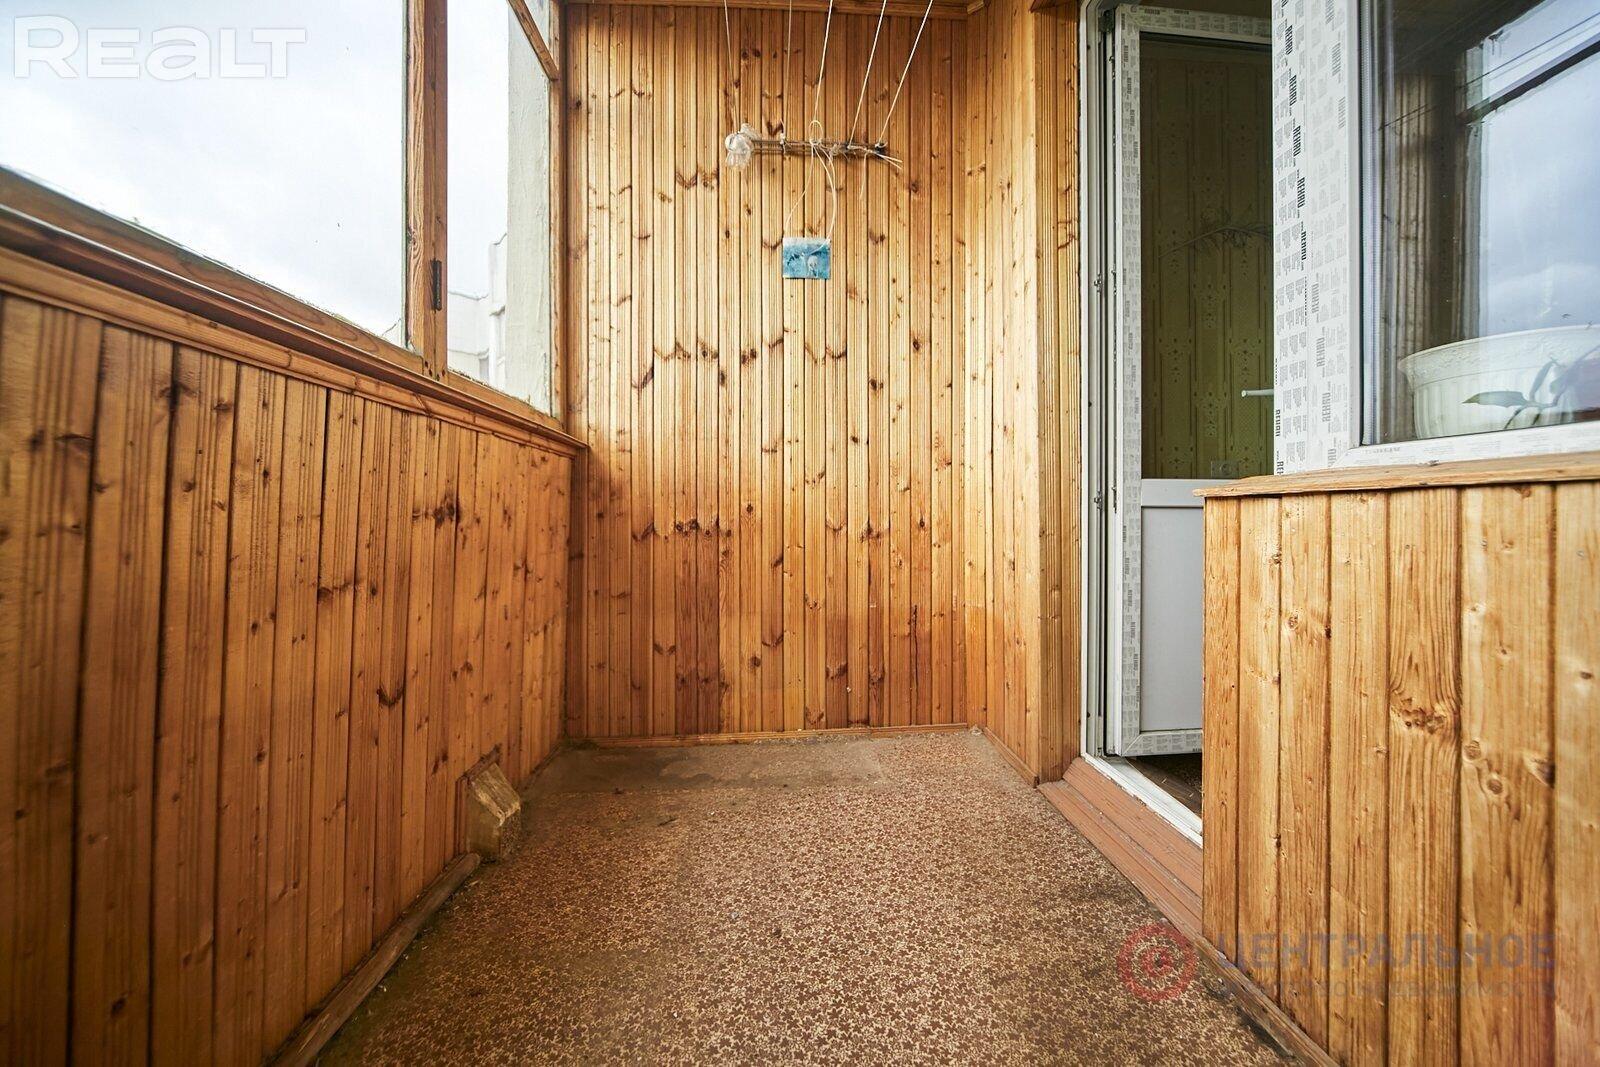 Продается 2-х комнатная квартира, ул. Менделеева д.30 - фото №10